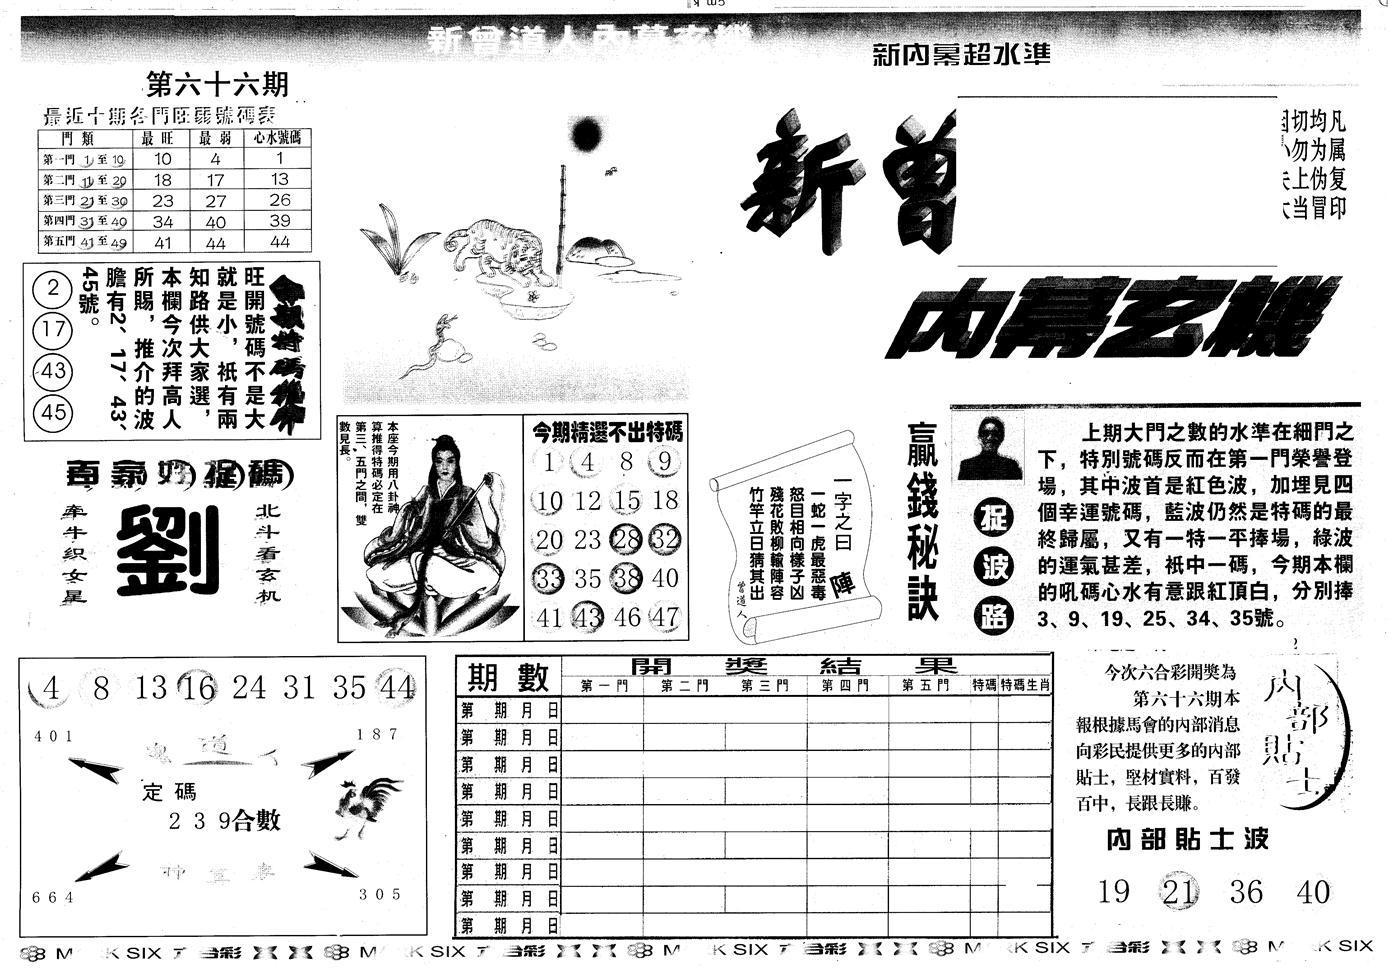 066期另版新内幕A(黑白)